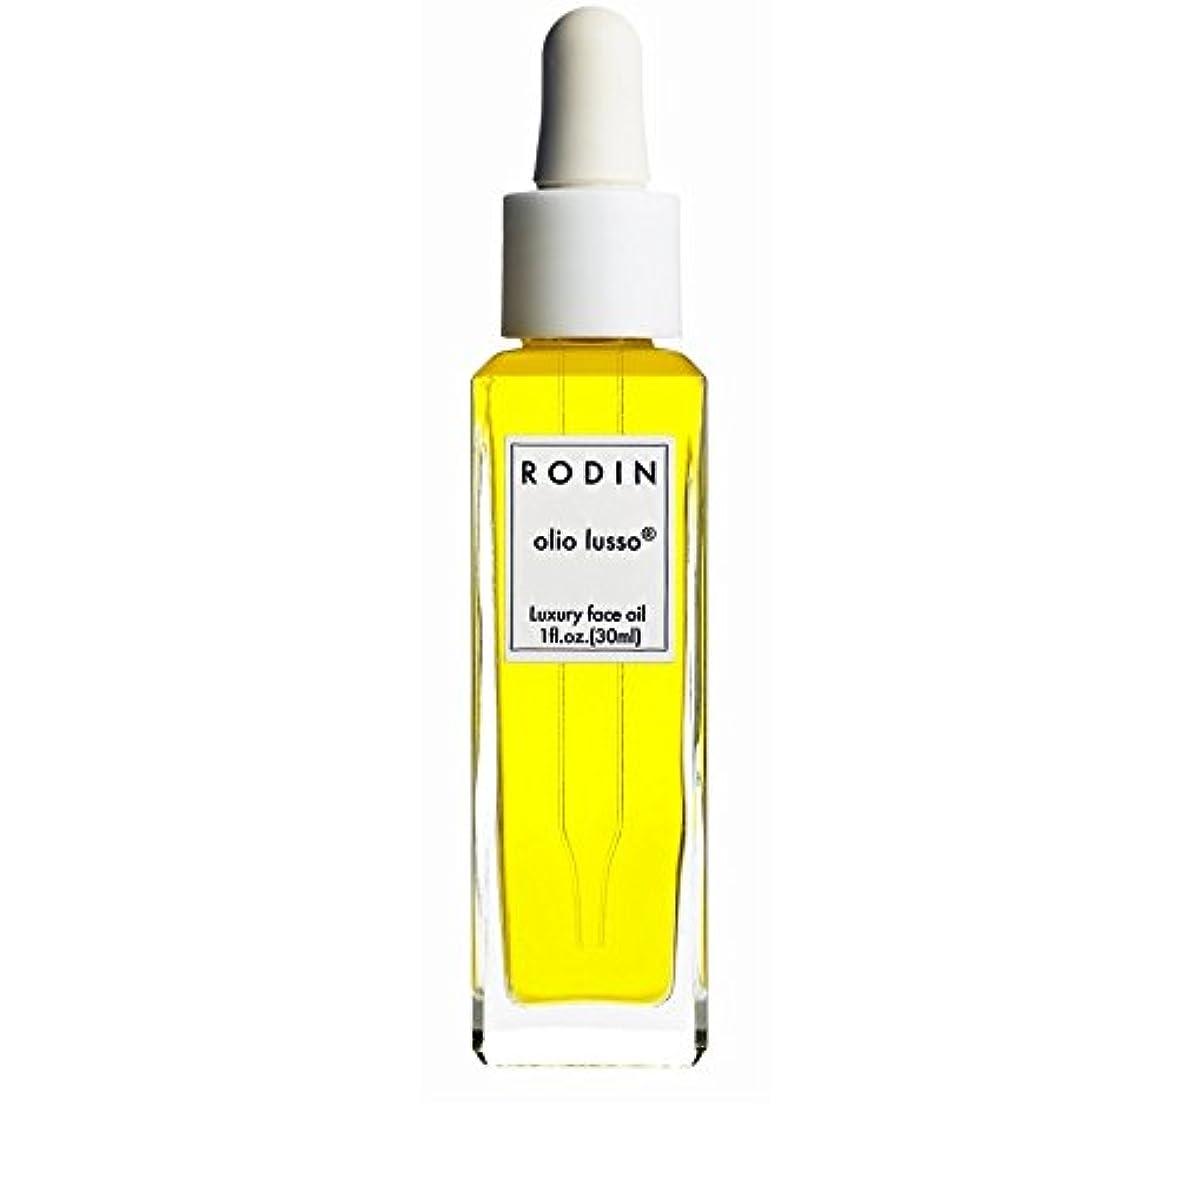 つば可愛い閃光RODIN olio lusso Jasmine & Neroli Luxury Face Oil 30ml (Pack of 6) - ロダンルッソジャスミン&ネロリ贅沢なフェイスオイル30ミリリットル x6 [並行輸入品]